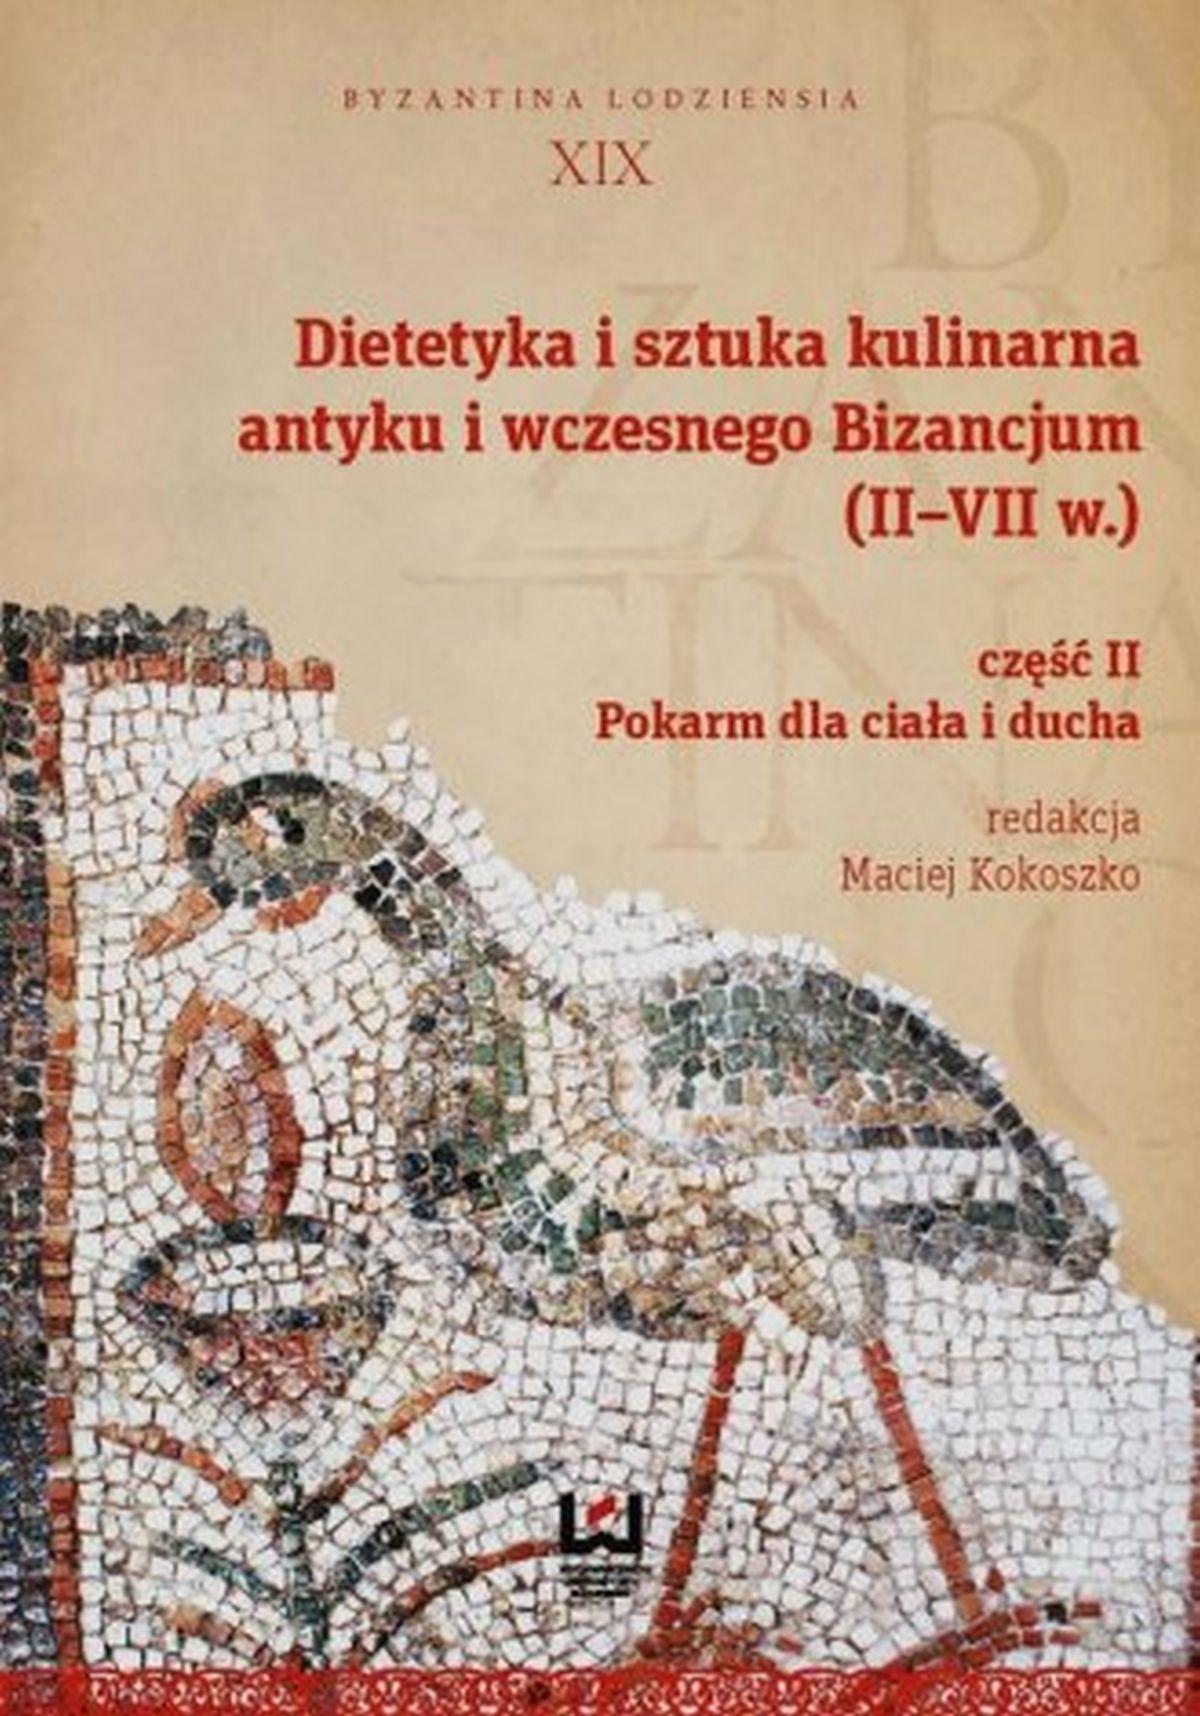 Dietetyka i sztuka kulinarna antyku i wczesnego Bizancjum II-VII w. vz. 2. Pokarm dla ciała i ducha. Byzantyna Lodziensia XIX